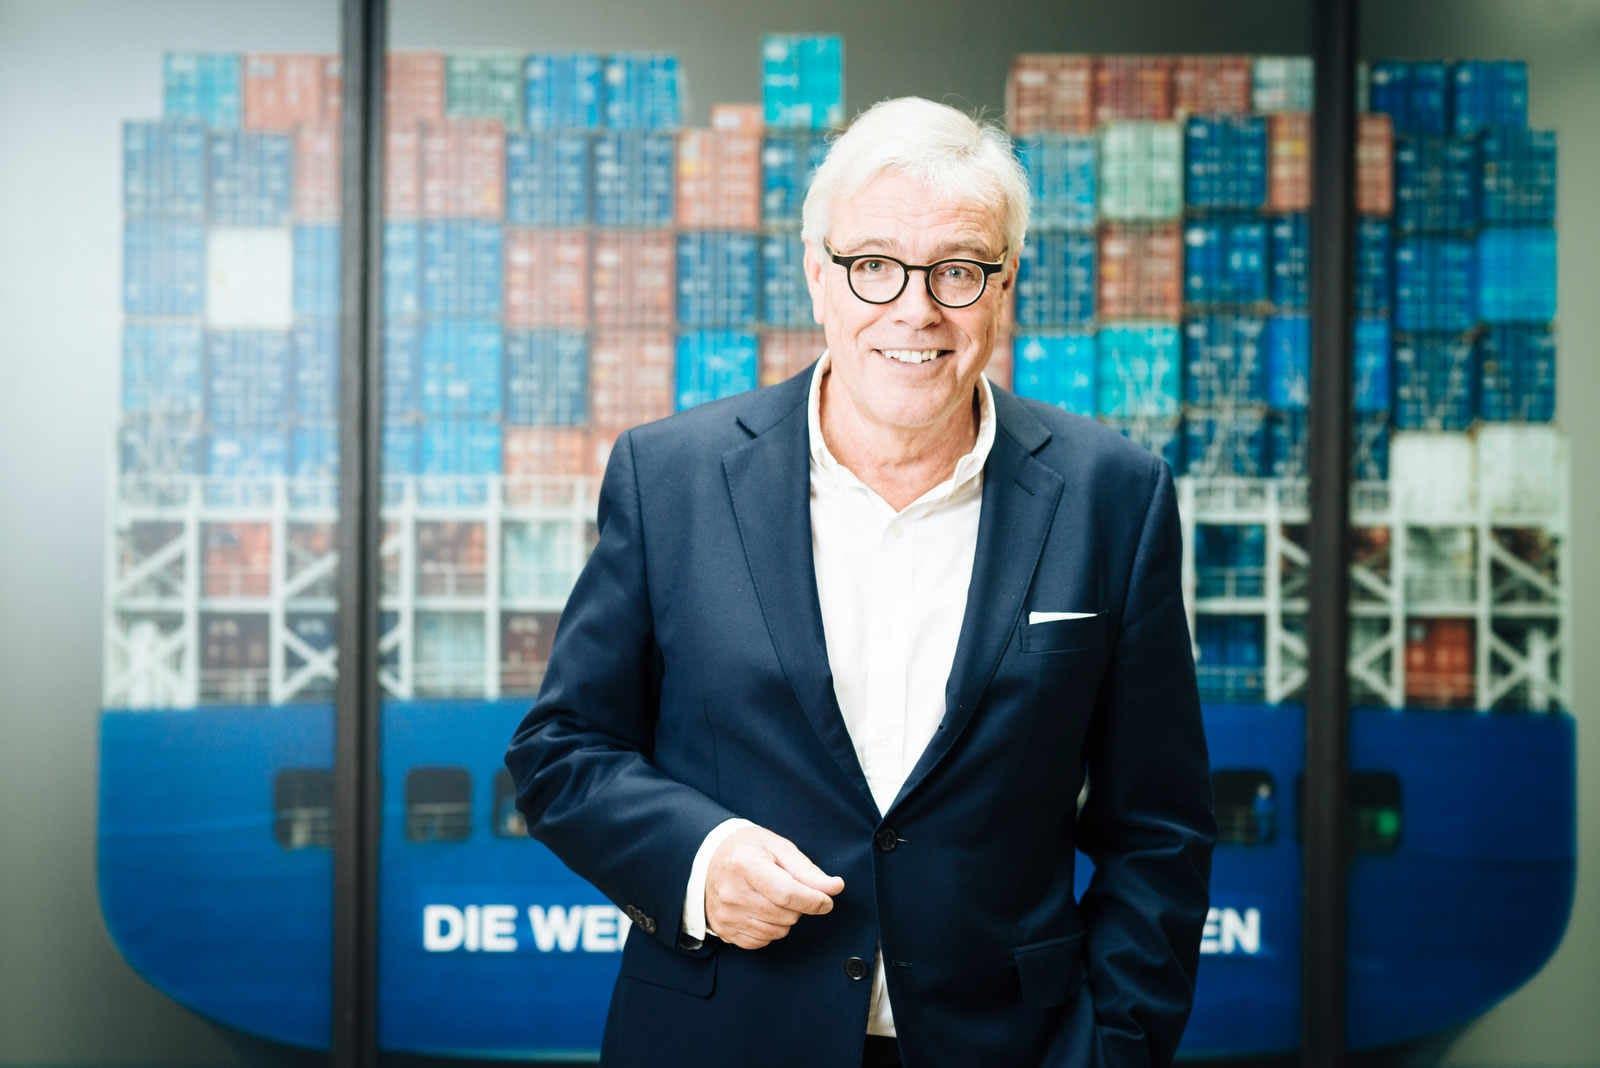 business-fotograf-hamburg-hhla-peters-managerportraet-businessfotos-geschaeftsbericht